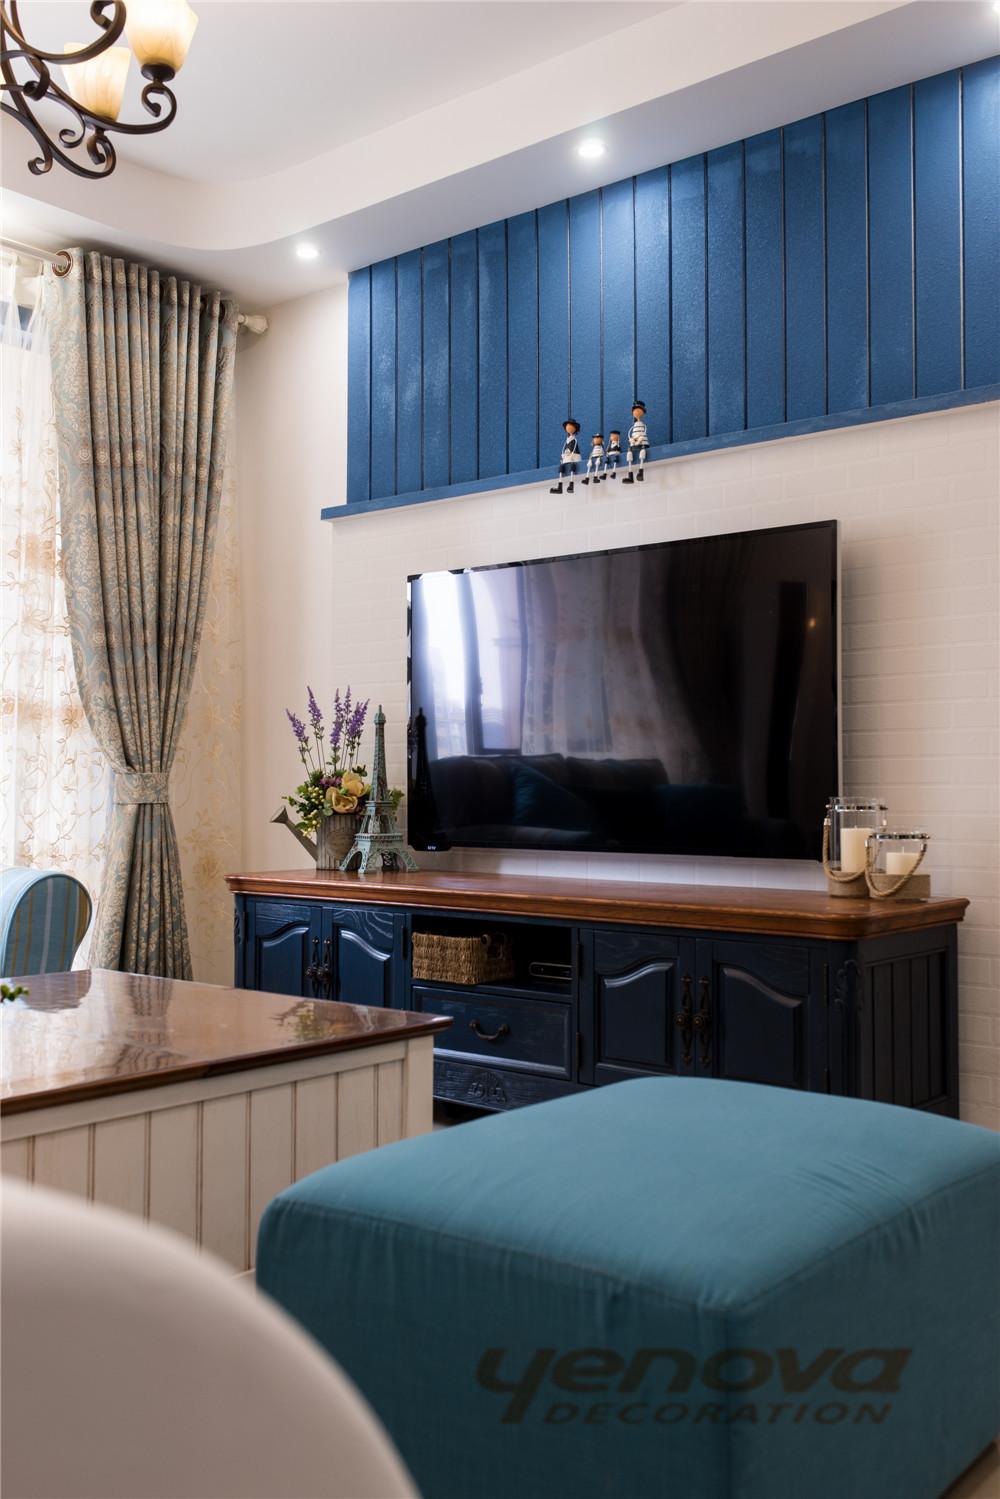 客厅图片来自成都业之峰装修小管家在天府世家113平地中海风格的分享